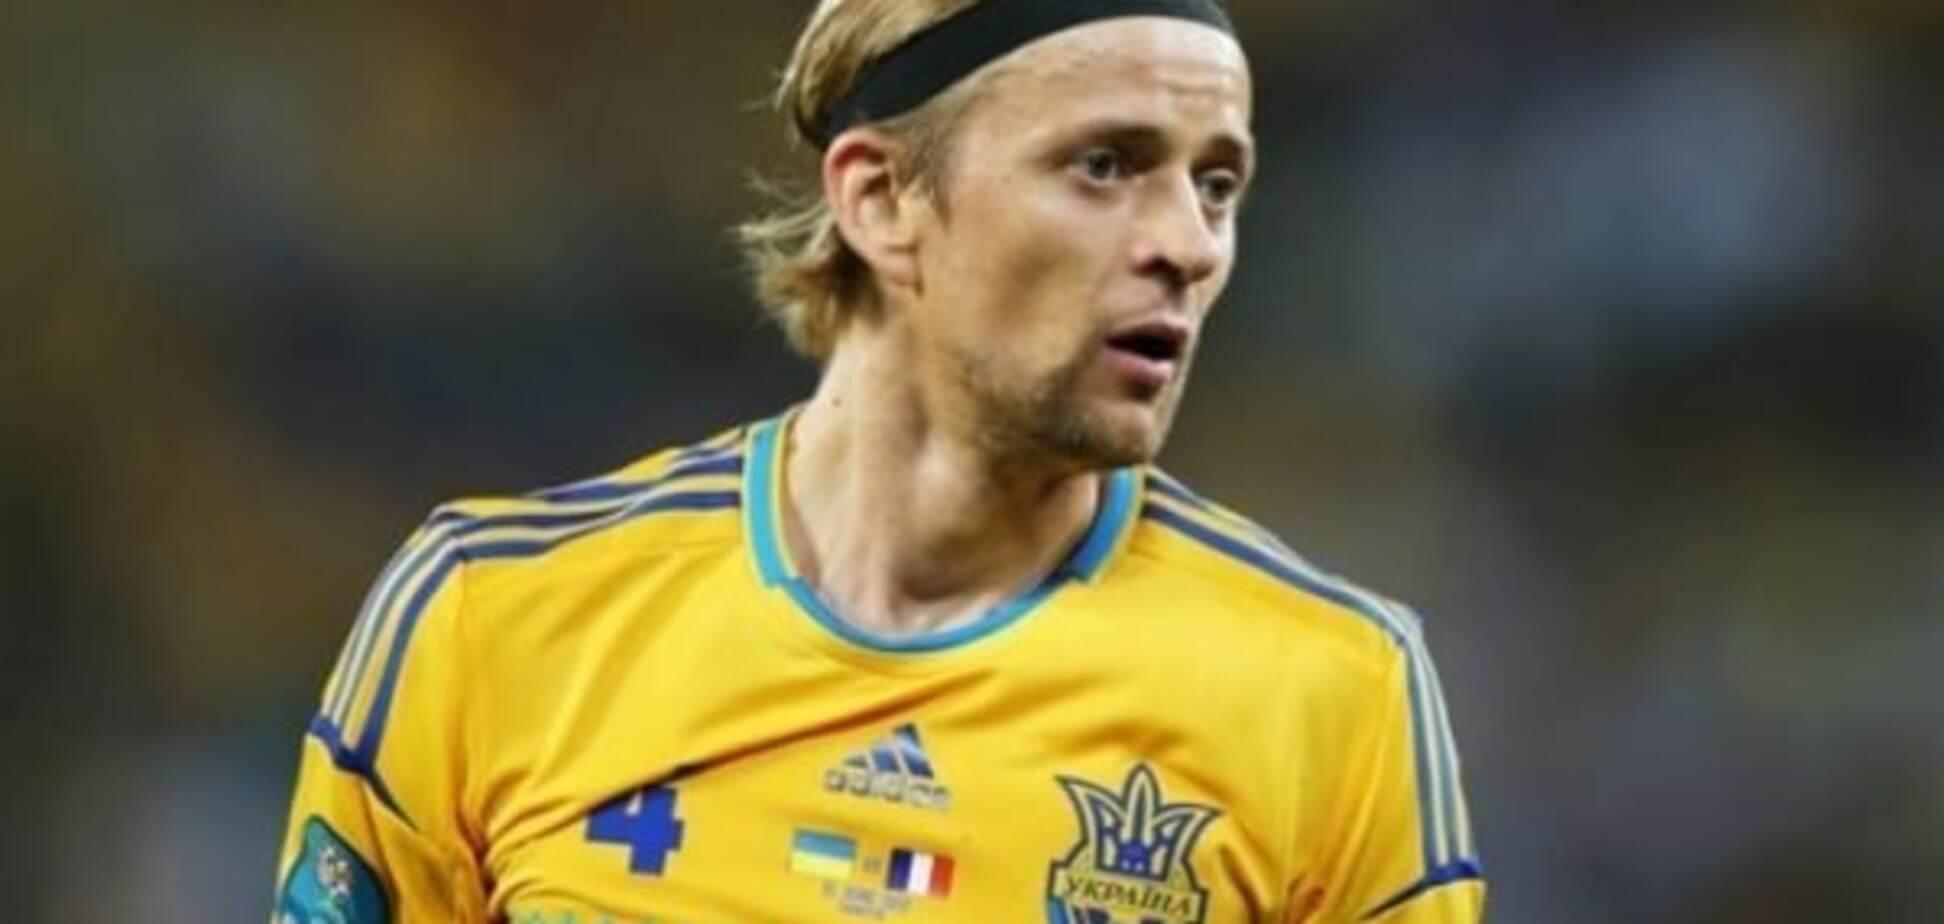 Збірна України позбулася Тимощука перед грою зі Словаччиною